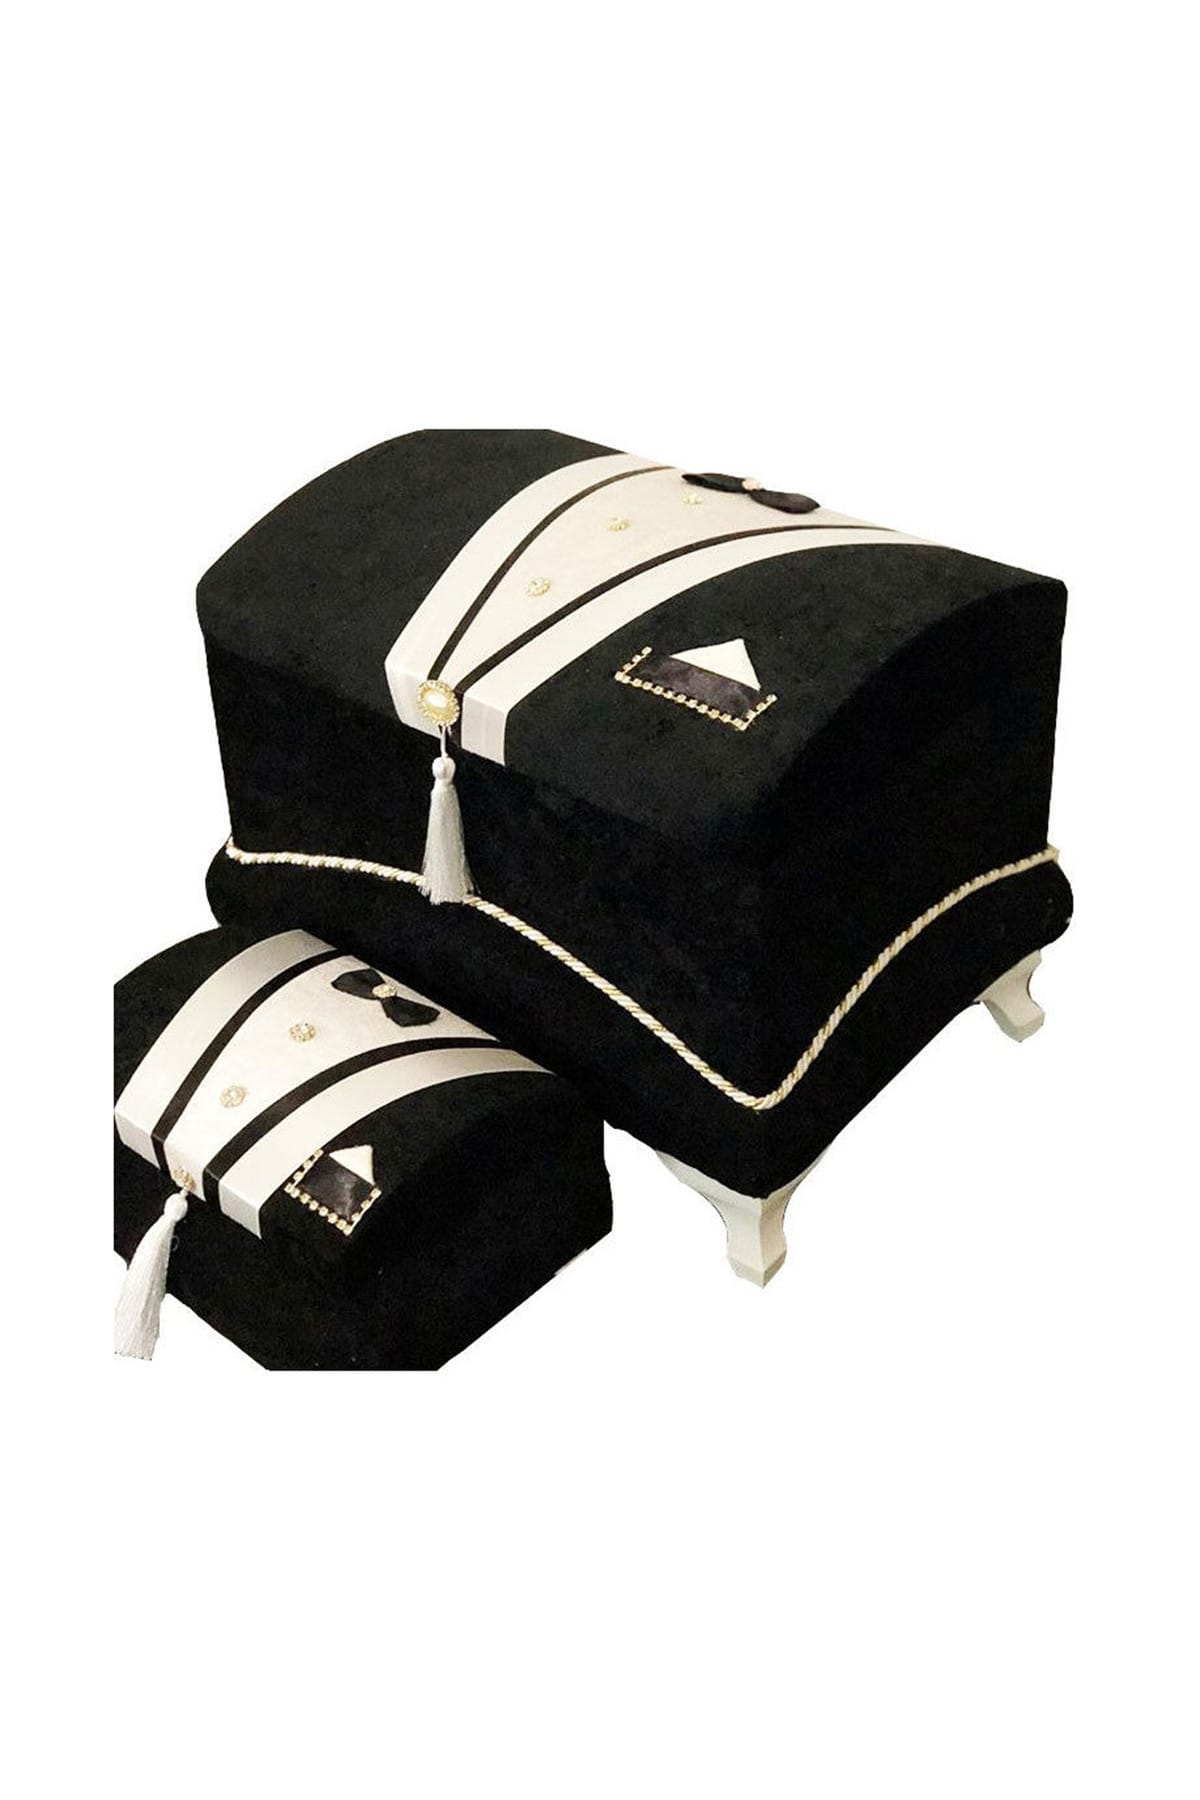 Çeyiz Sandığı Yaka Cepli Damat Model - Siyah